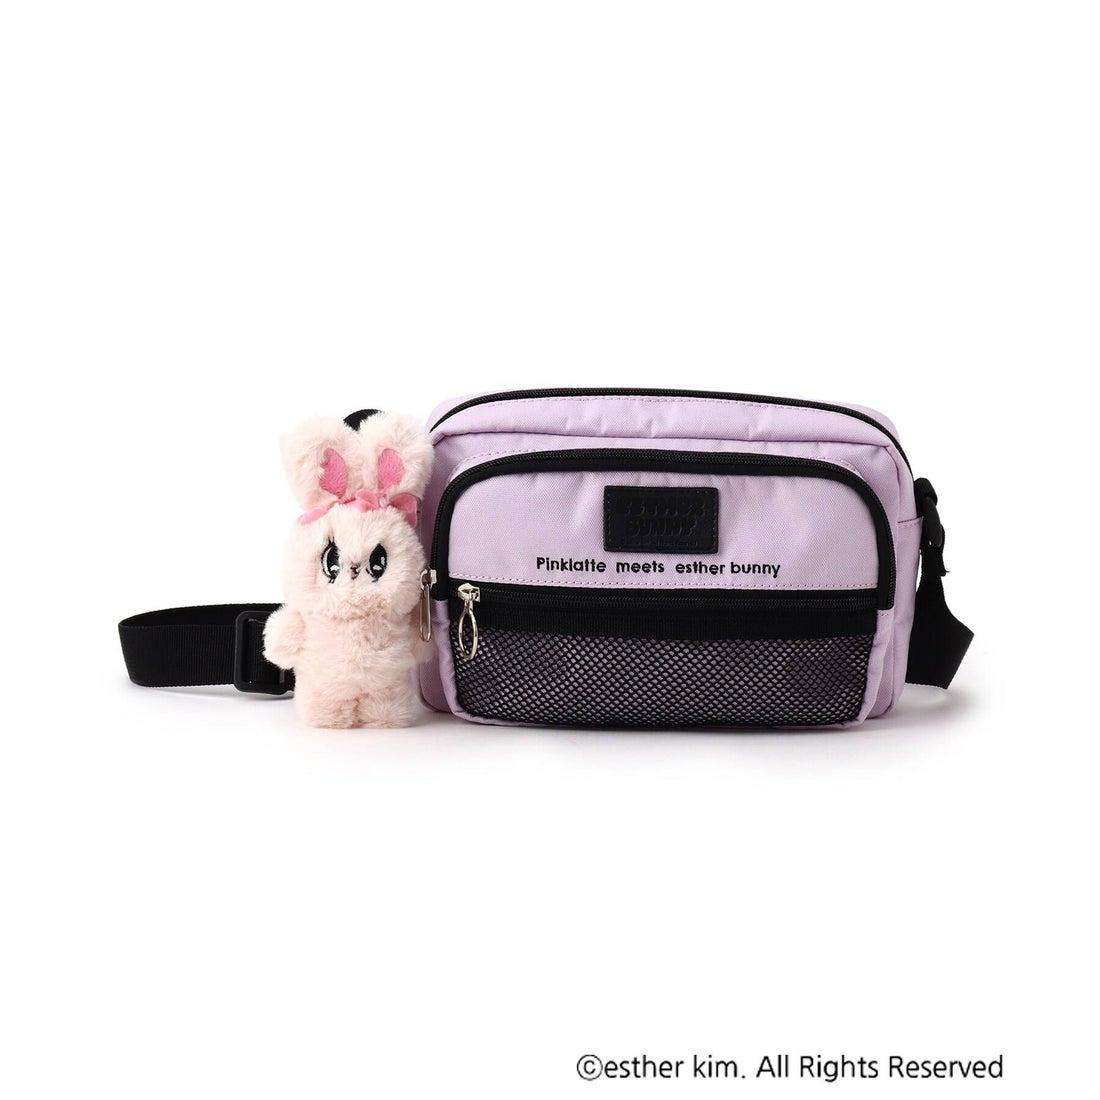 ピンク ラテ PINK-latte 【ESTHER BUNNY】ぬいぐるみ付ショルダーバッグ (ライトパープル)